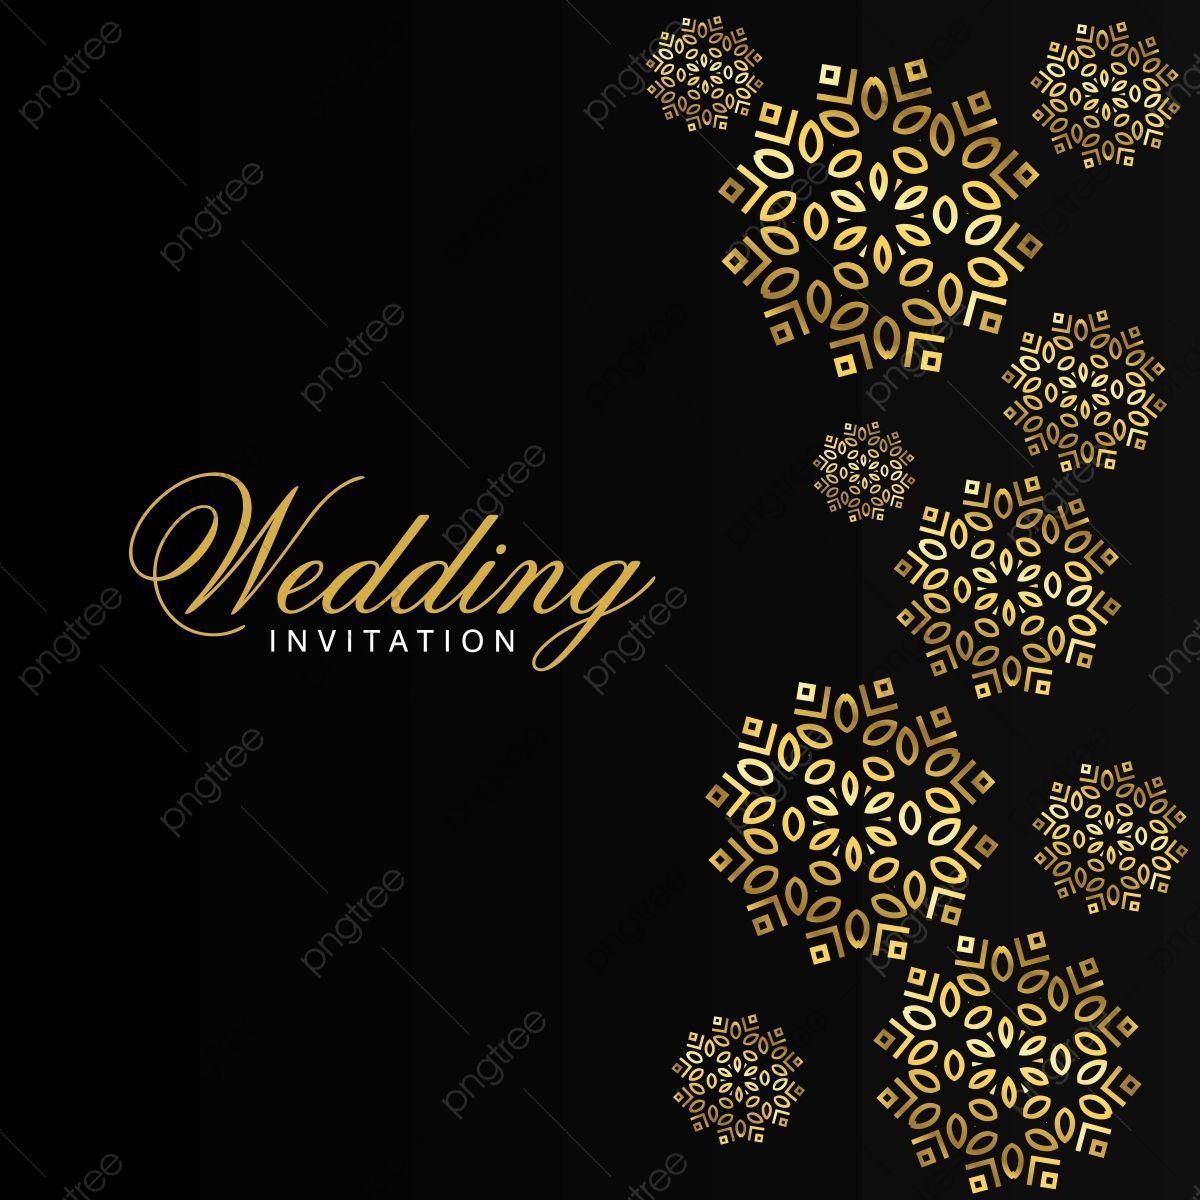 Gambar Perkahwinan Kad Dengan Kreatif Desain Dan Elegent Gaya Seni Latar Belakang Indah Png Dan Vektor Untuk Muat Turun Percuma Wedding Invitation Card Template Wedding Invitation Templates Gender Reveal Invitations Template